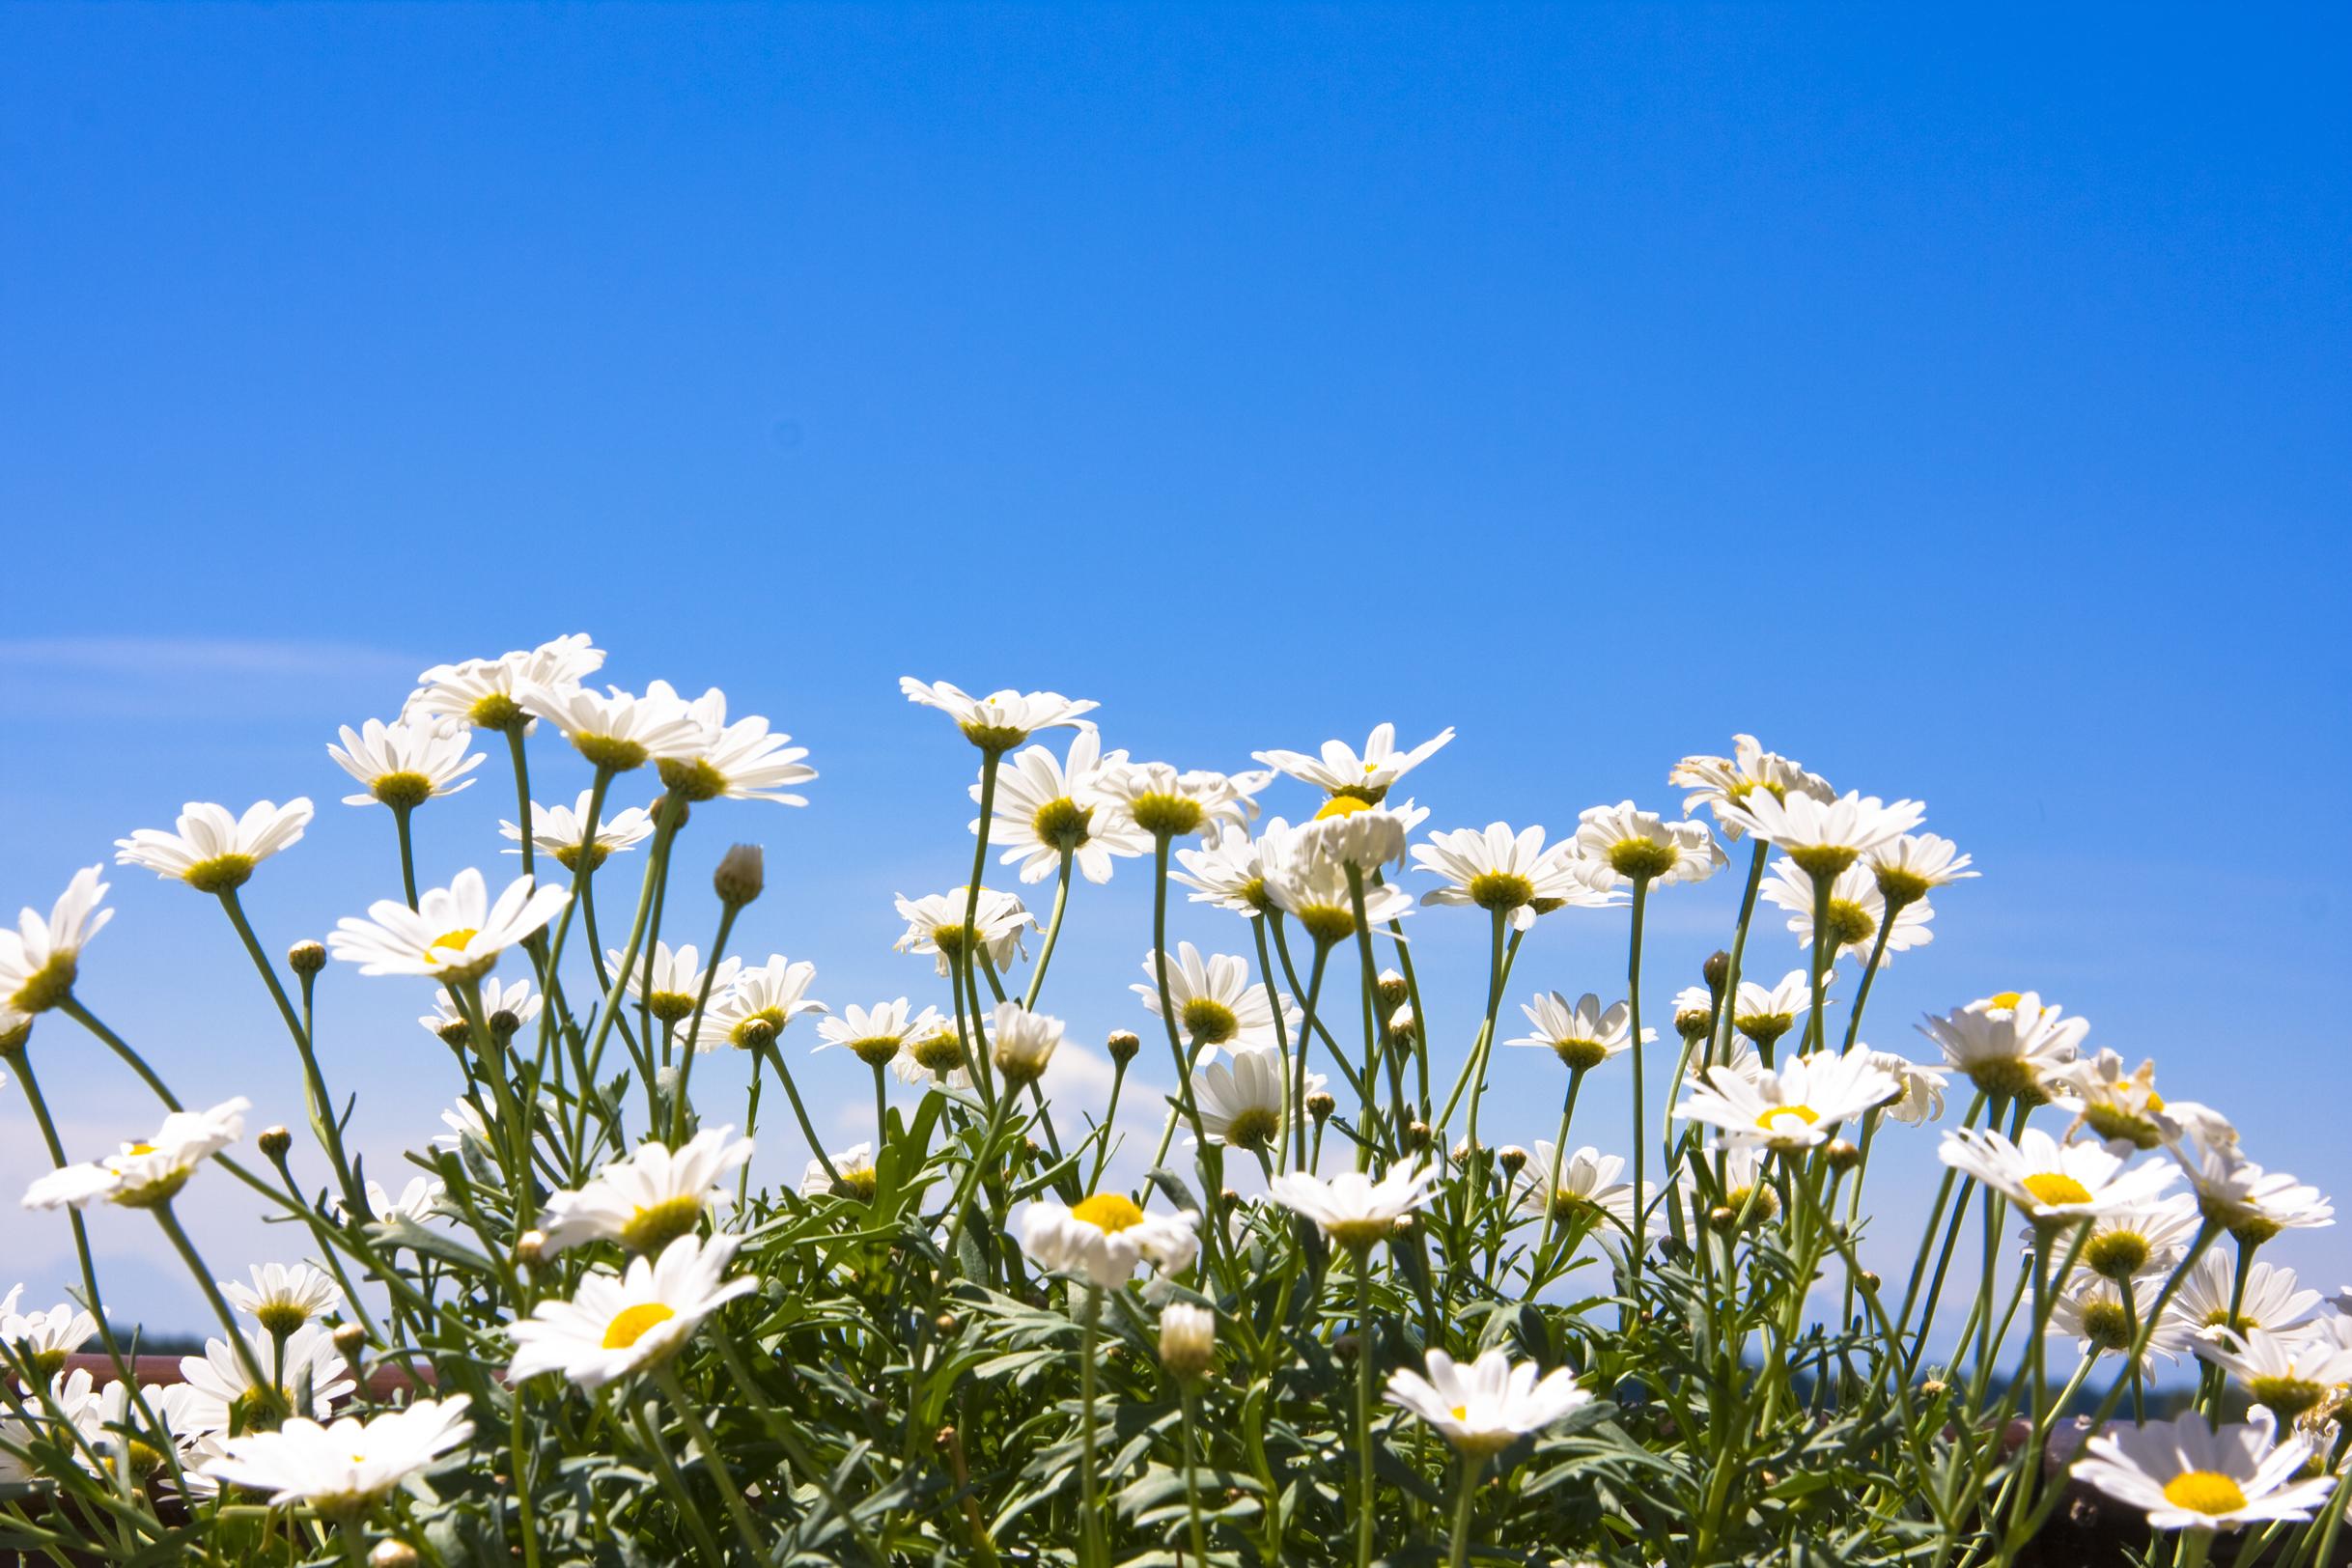 много белых цветов, ромашки на фоне голубого неба, скачать фото